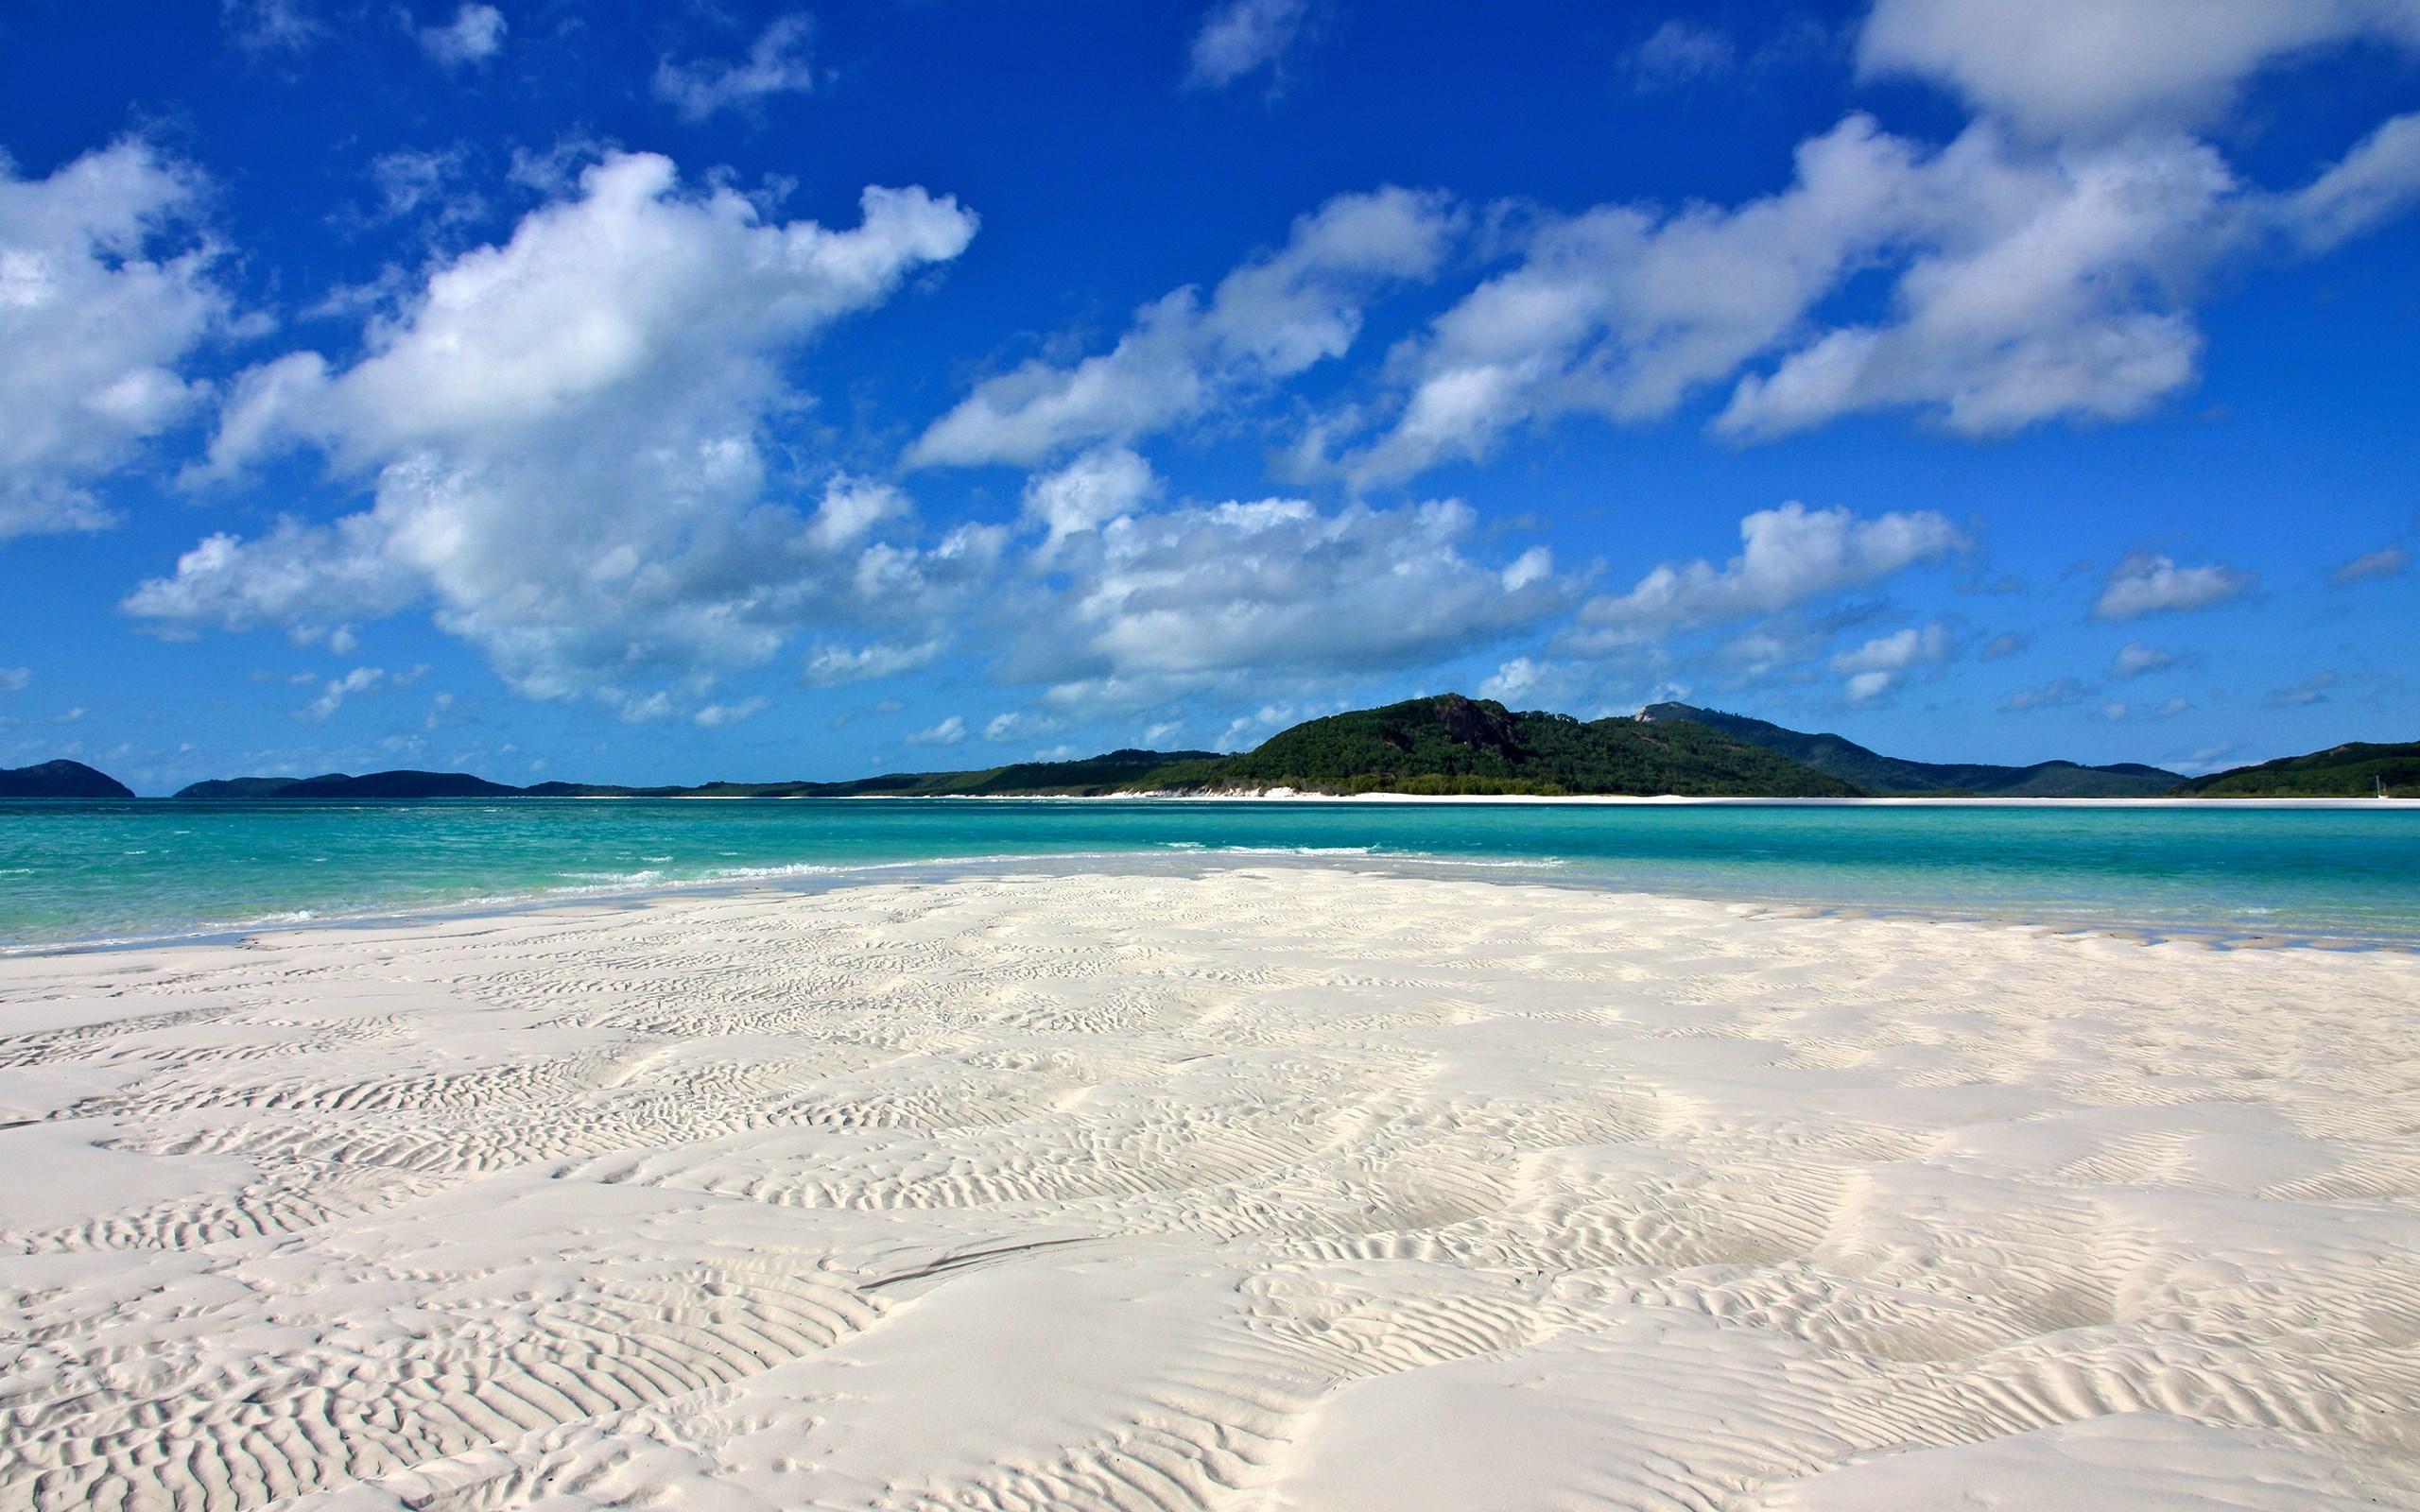 море песок полоса остров без смс